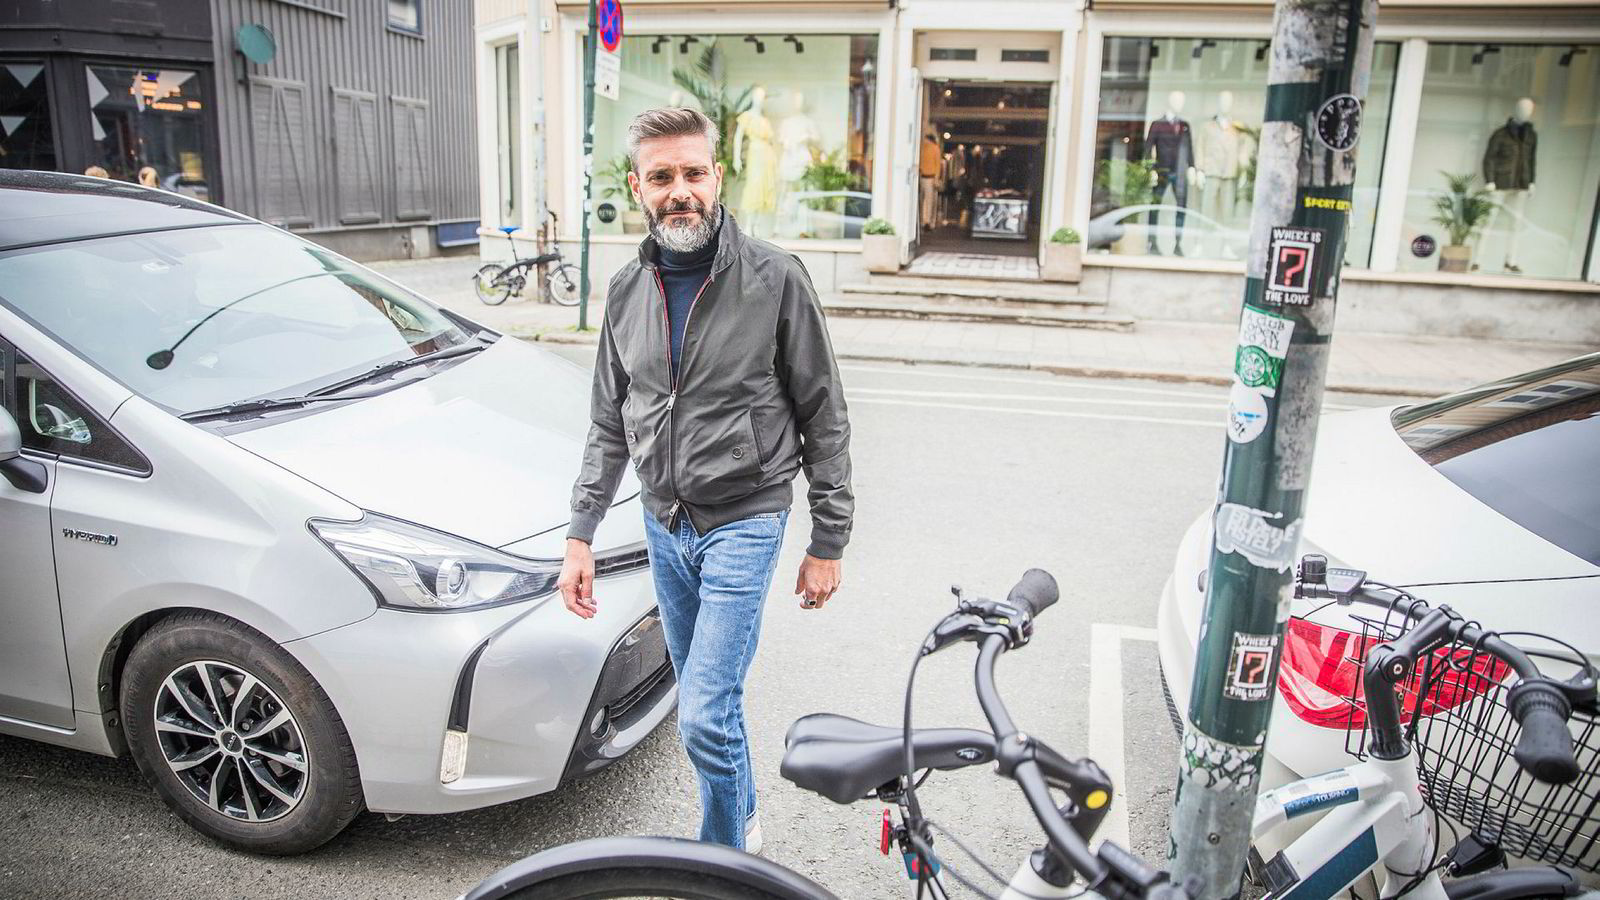 En av fire parkeringsplasser har forsvunnet fra Trondheim sentrum siden 2011. Jørgen Sagmo i Retro mener at ikke alle tiltakene for å skape et mer aktivt byliv har fungert.